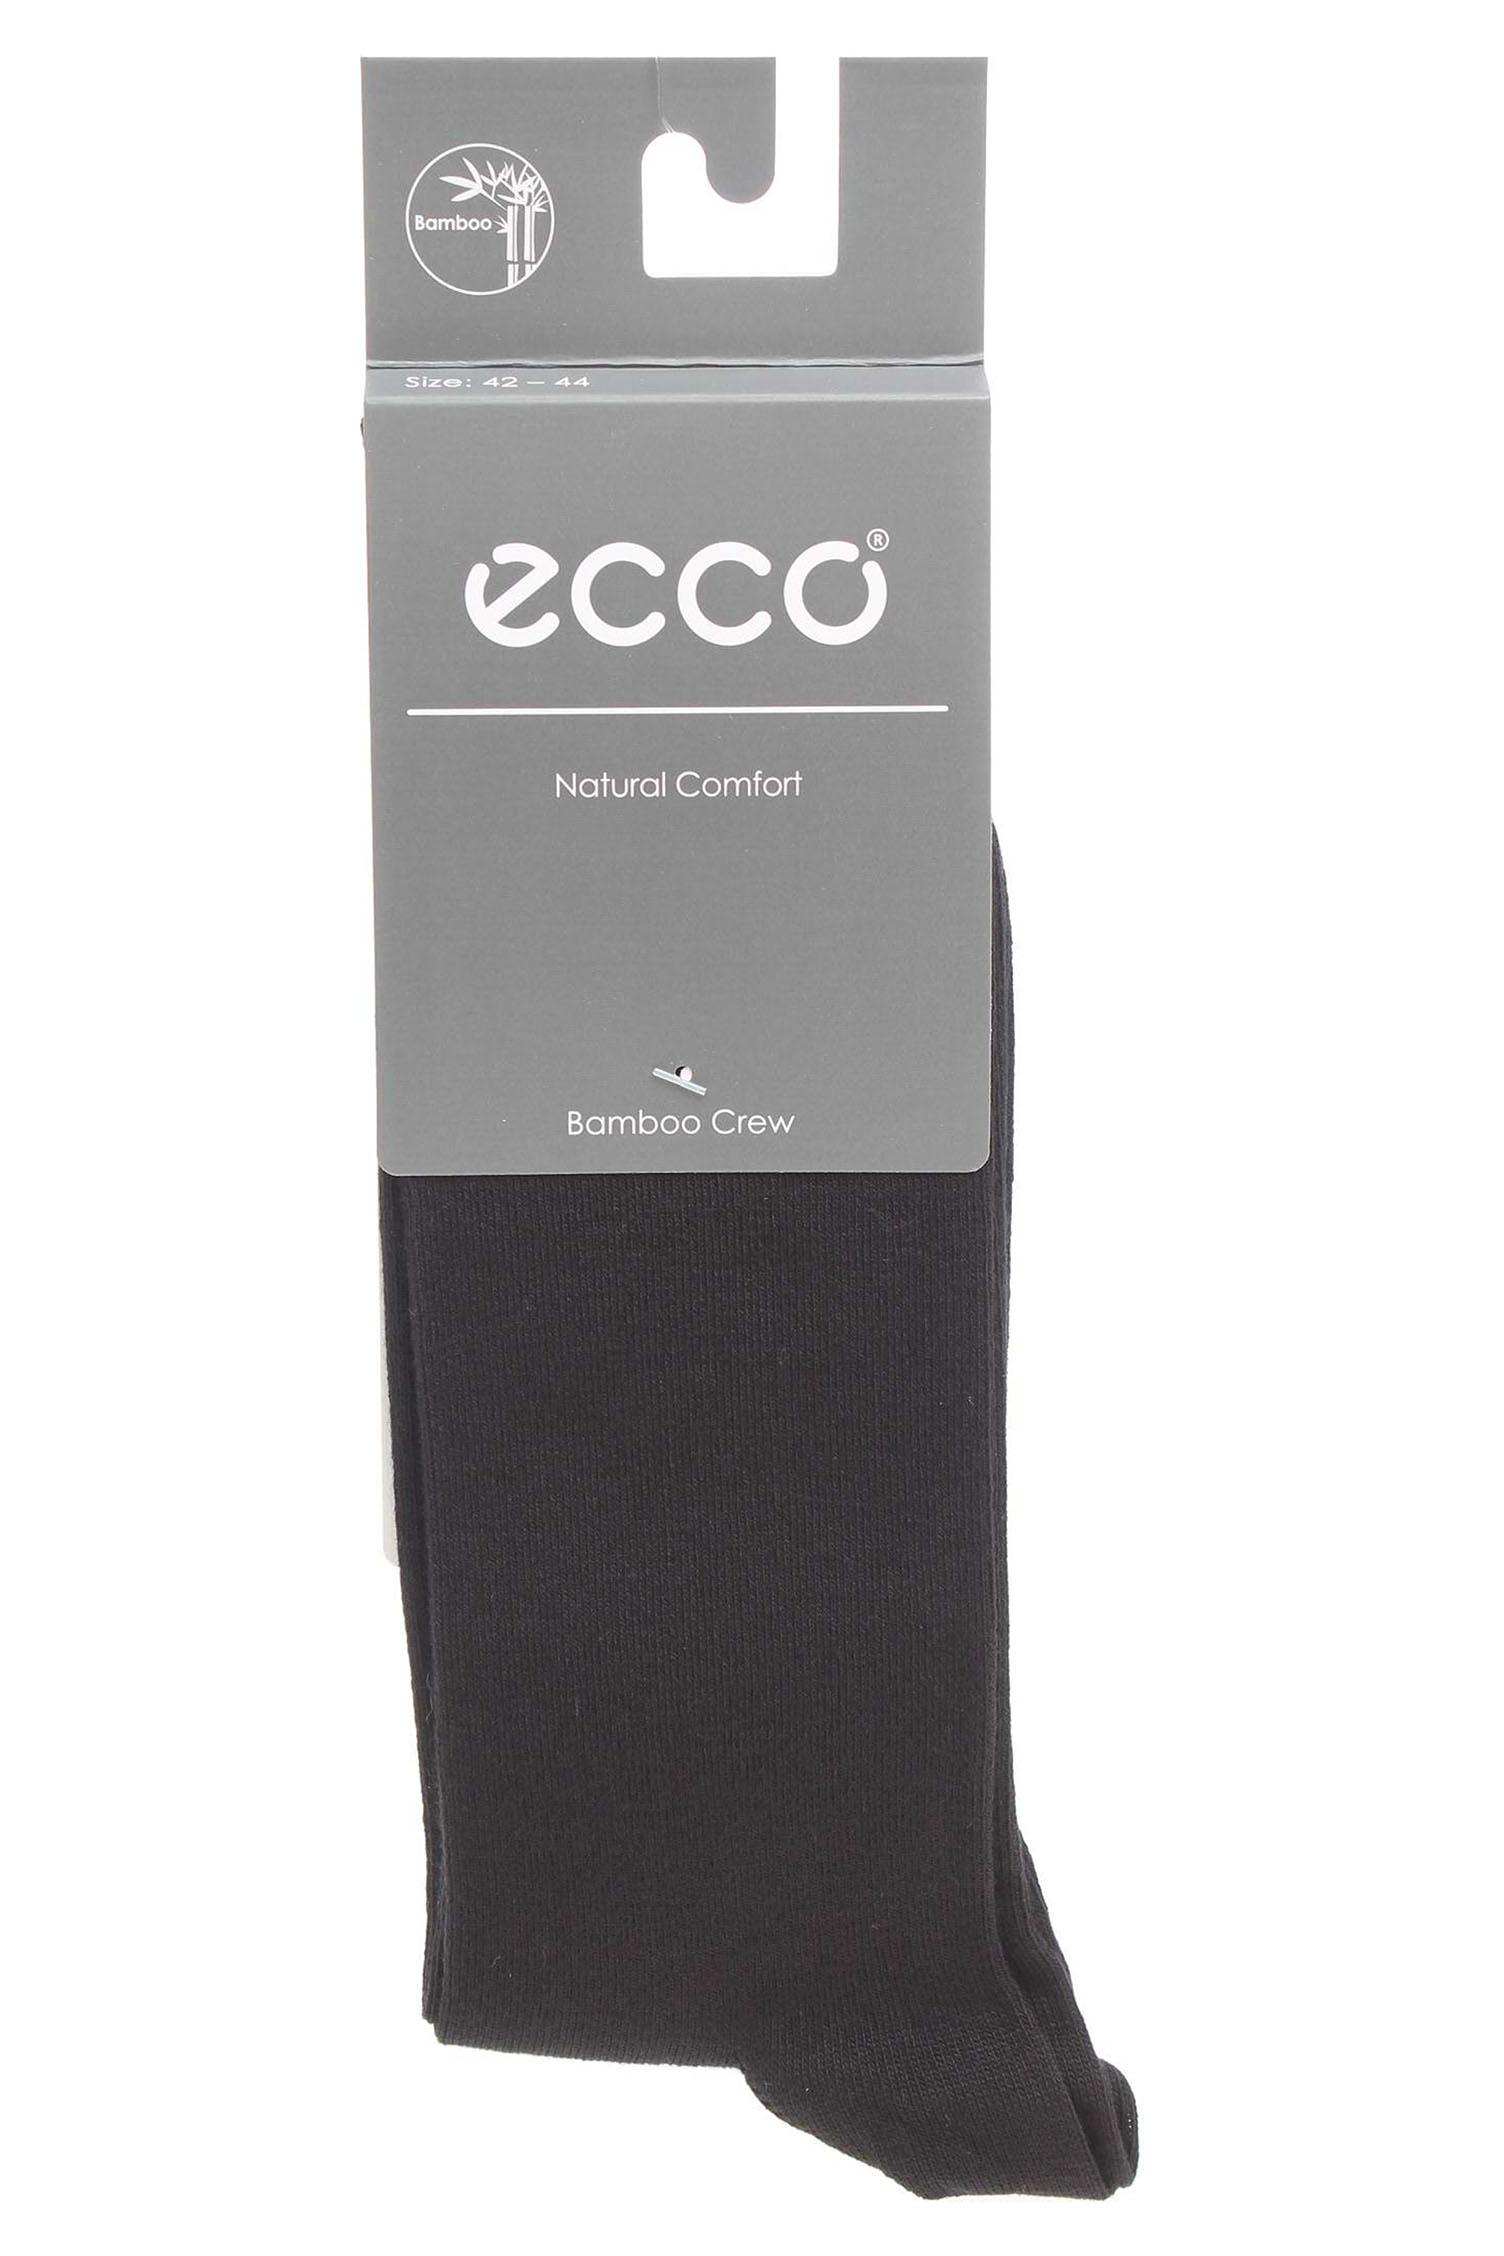 Ecco pánské ponožky 908522700101 black 90852270101 - Glami.sk 2912845be1